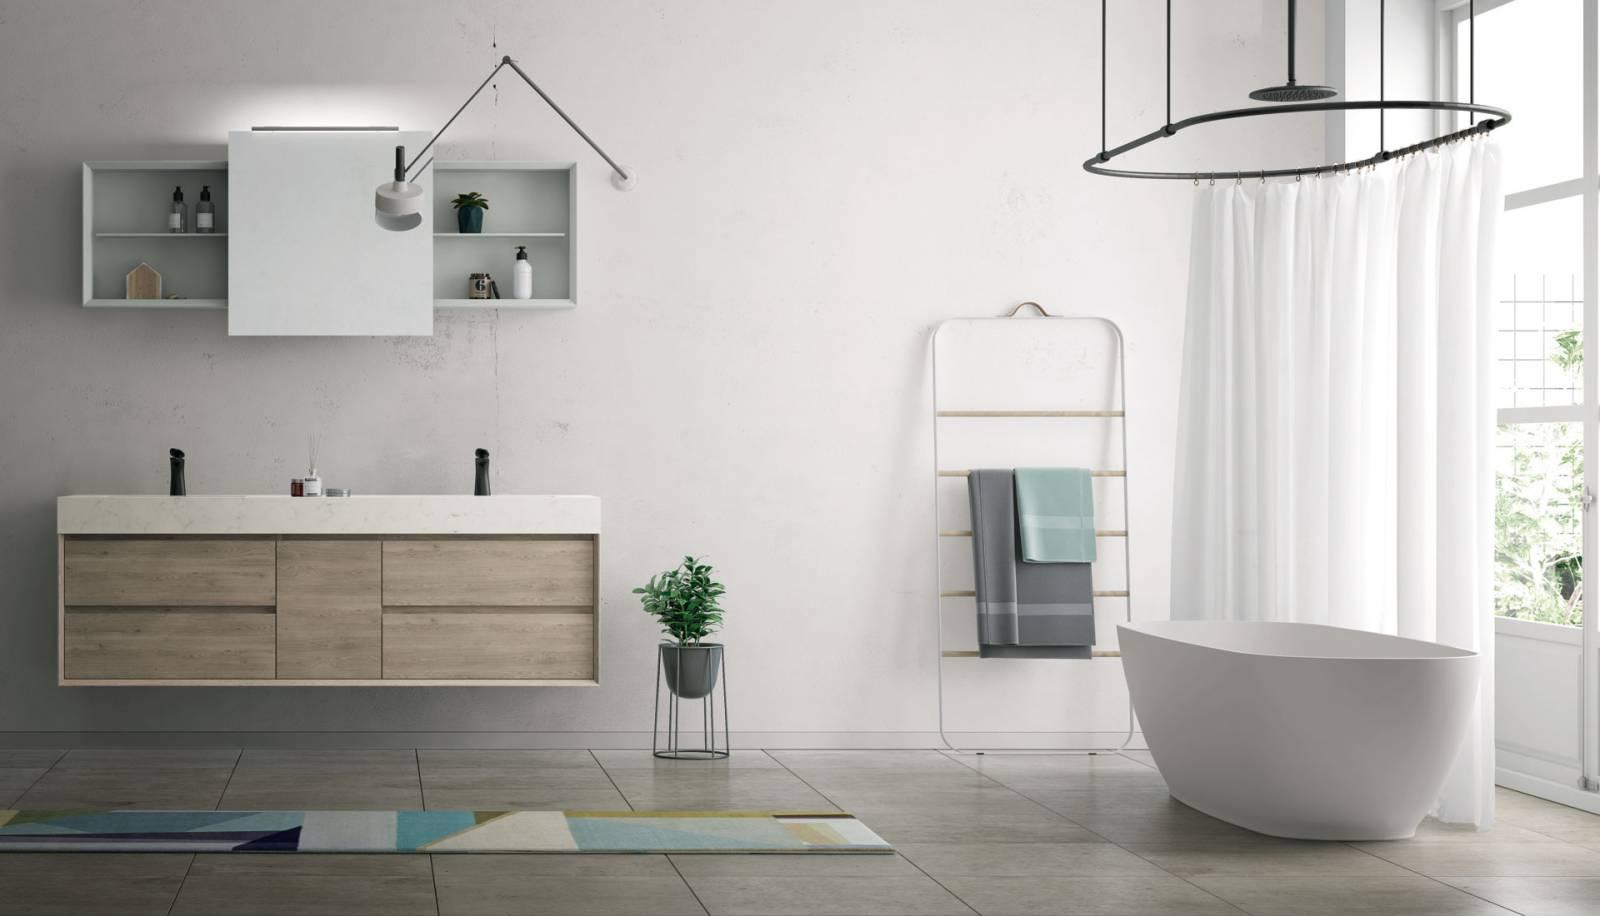 Salle De Bain Marbre De Carrare salle de bain moderne - bois clair revêtu d'un marbre de